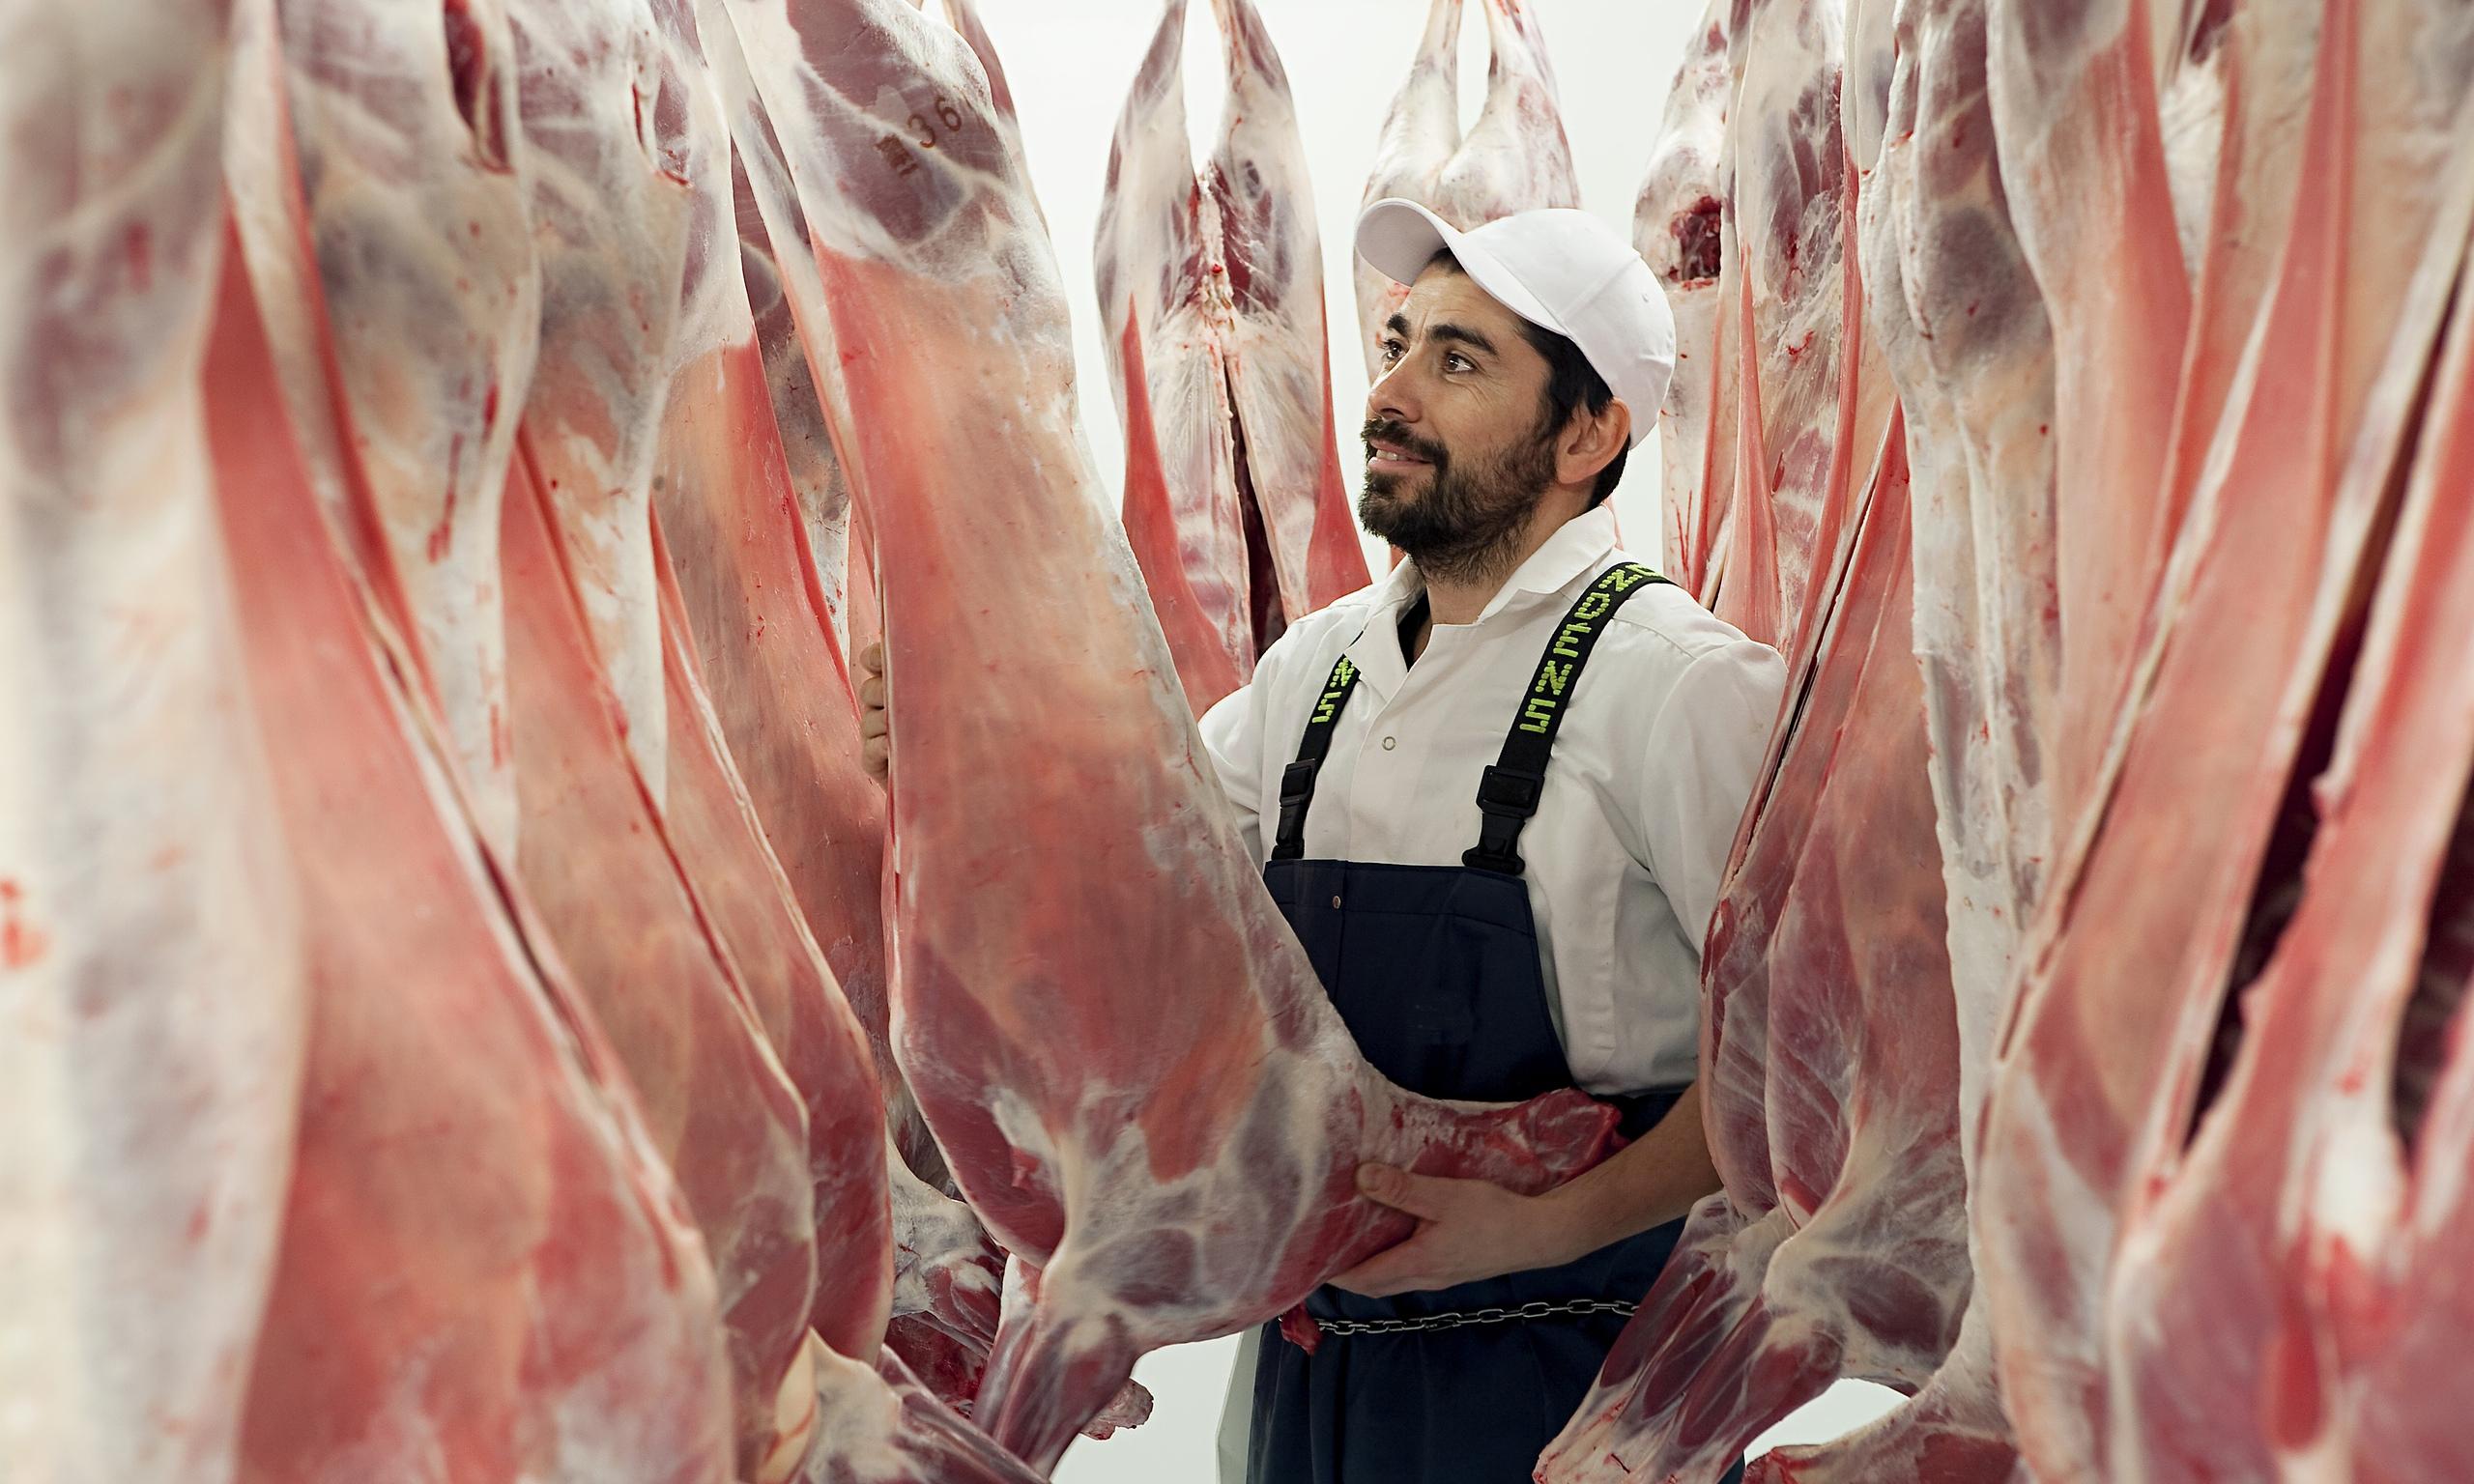 Eastern Halal Butcher